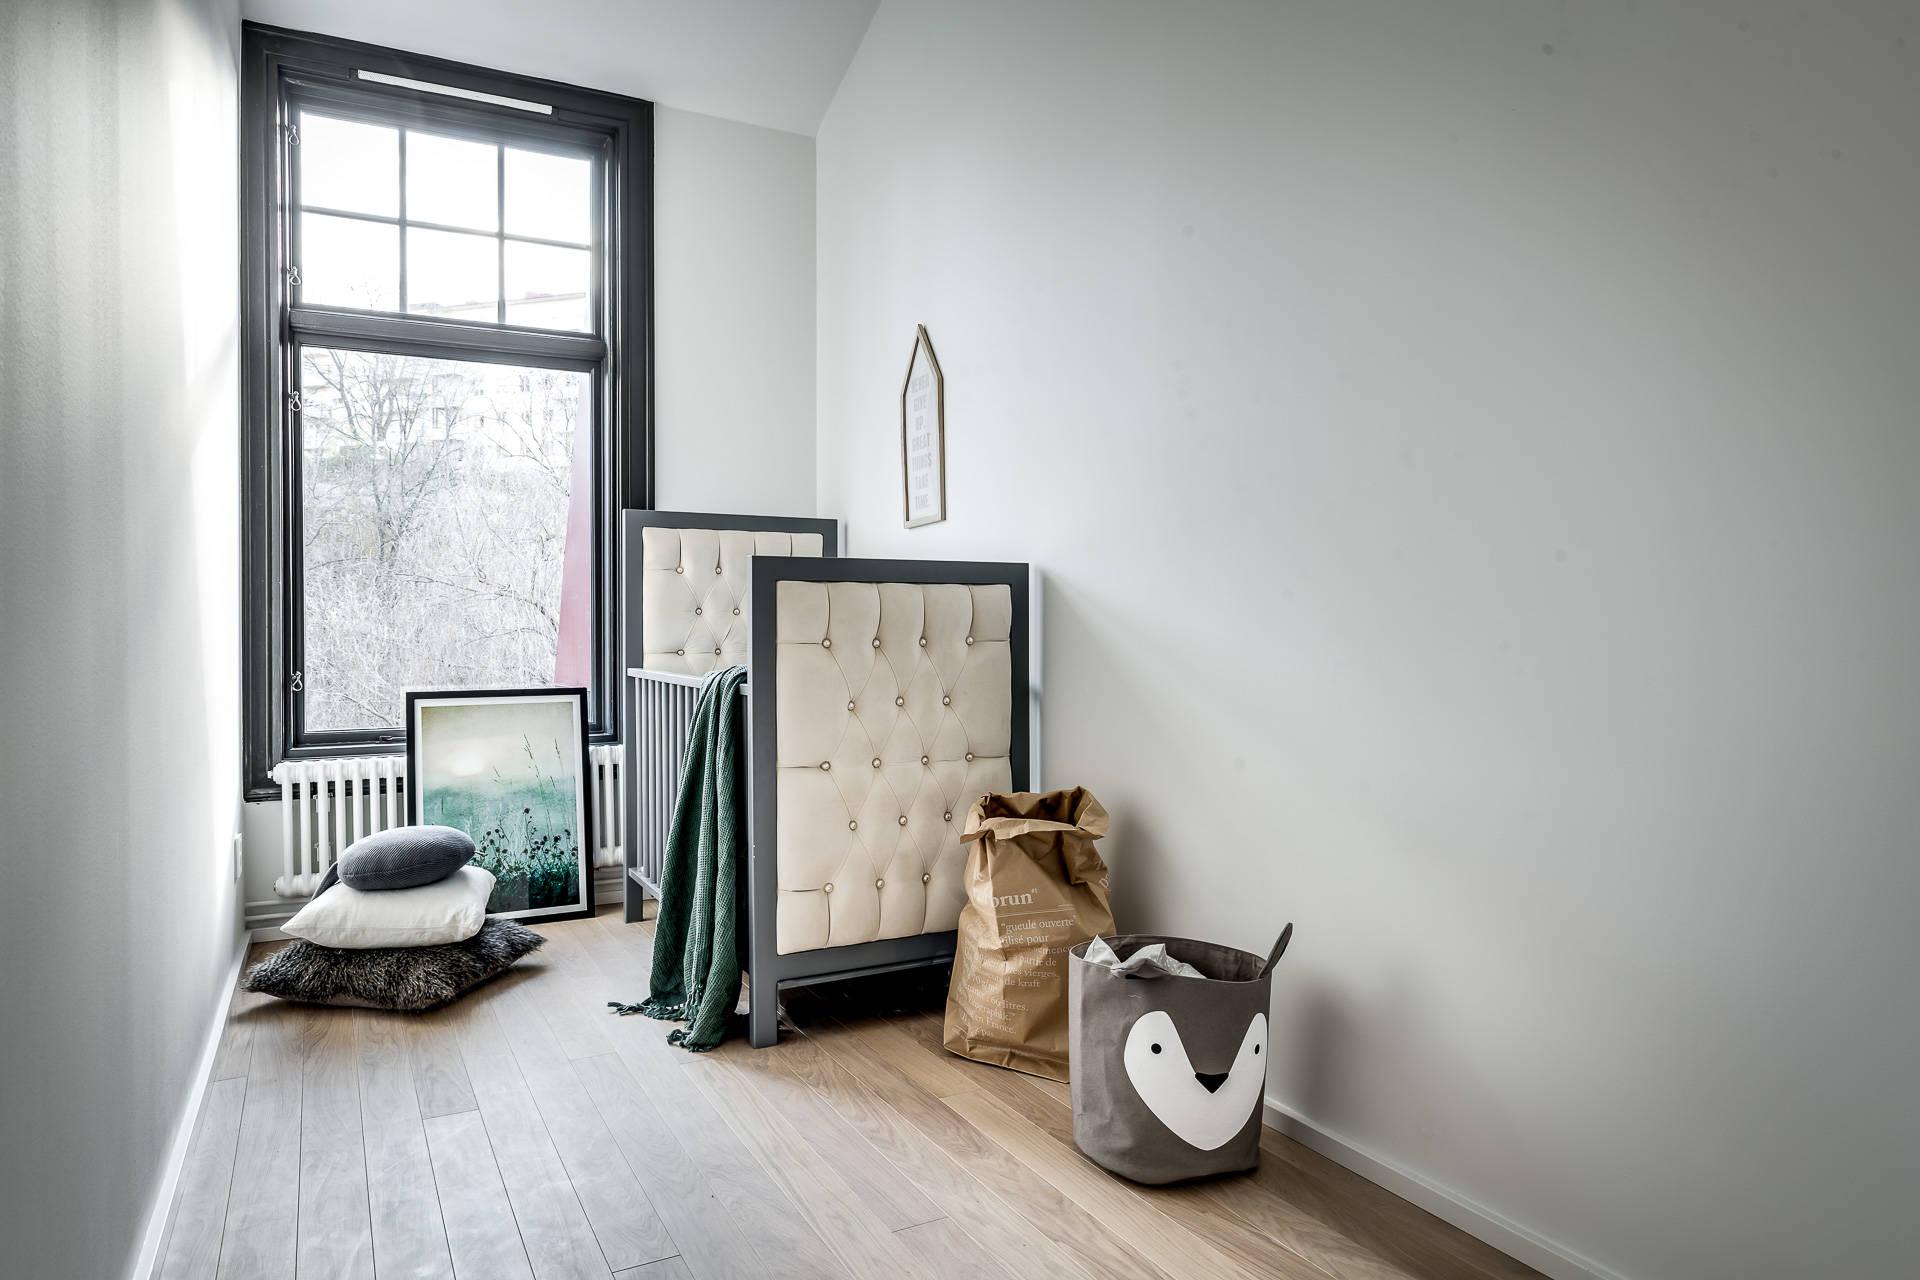 детская комната окно темные рамы кровать серые стены половая доска